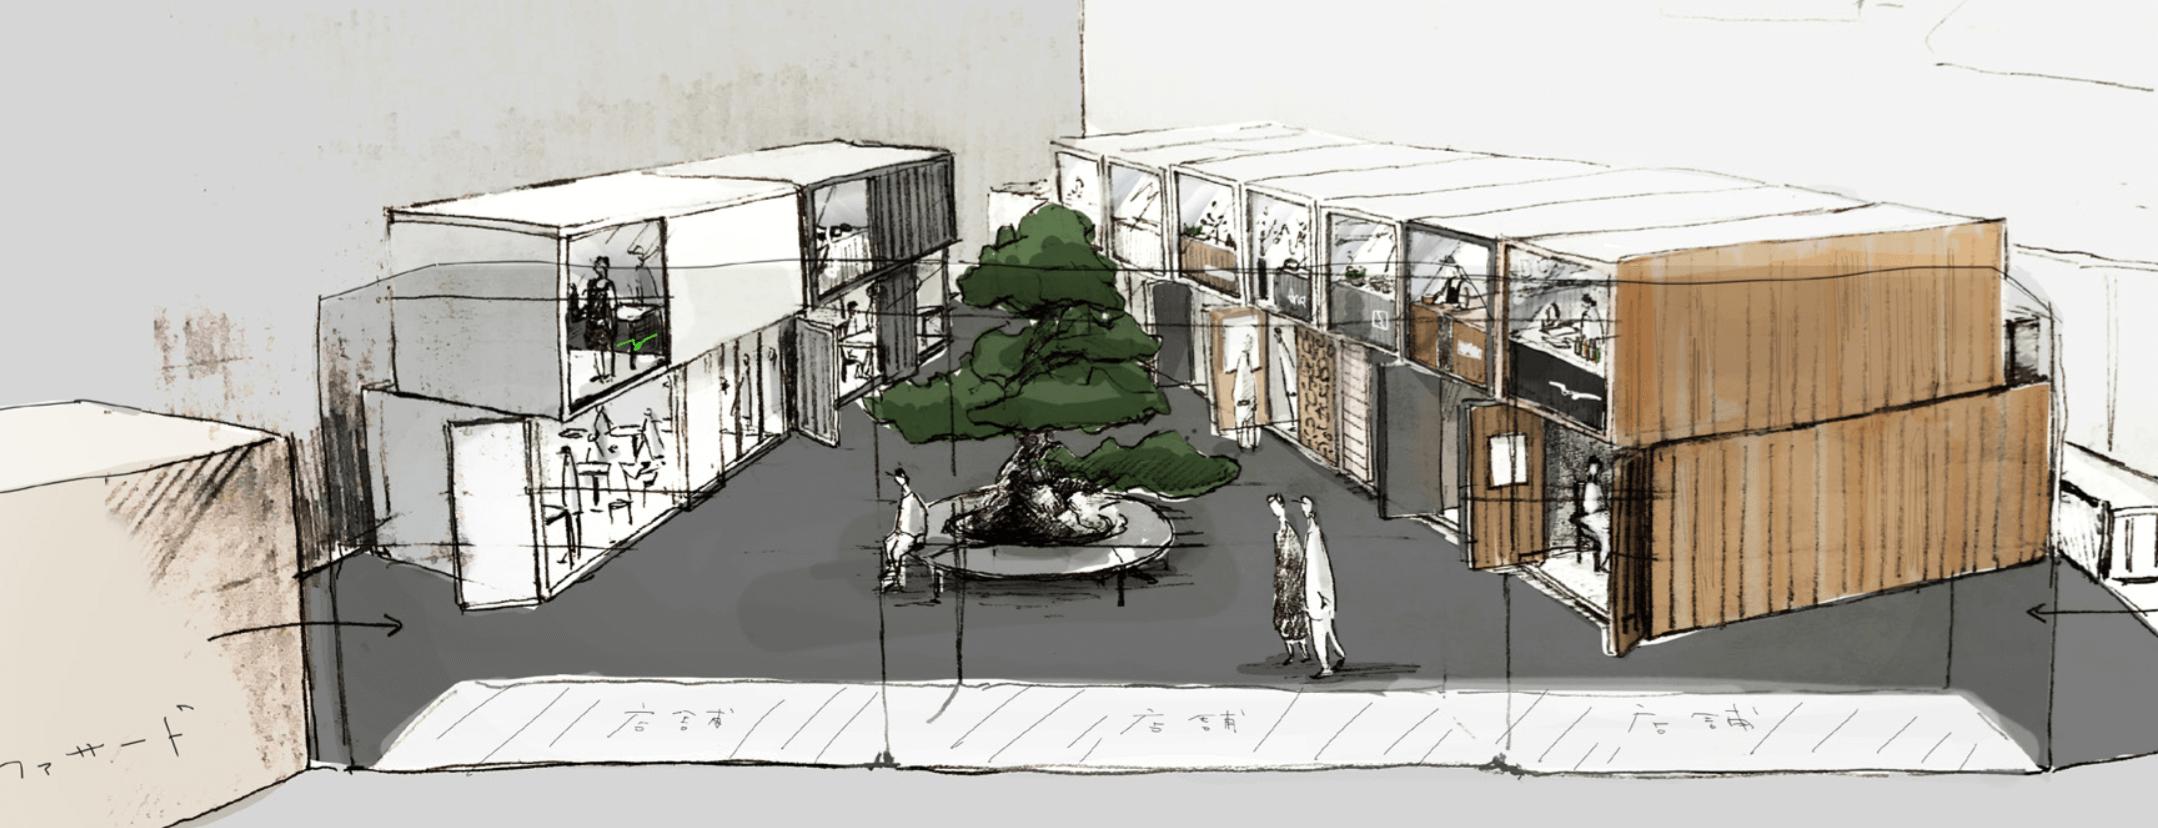 『 とおりゃんせ KANAZAWA FOODLABO 』片町に「屋台村」が年内開業!新たな美食スポットの誕生です!